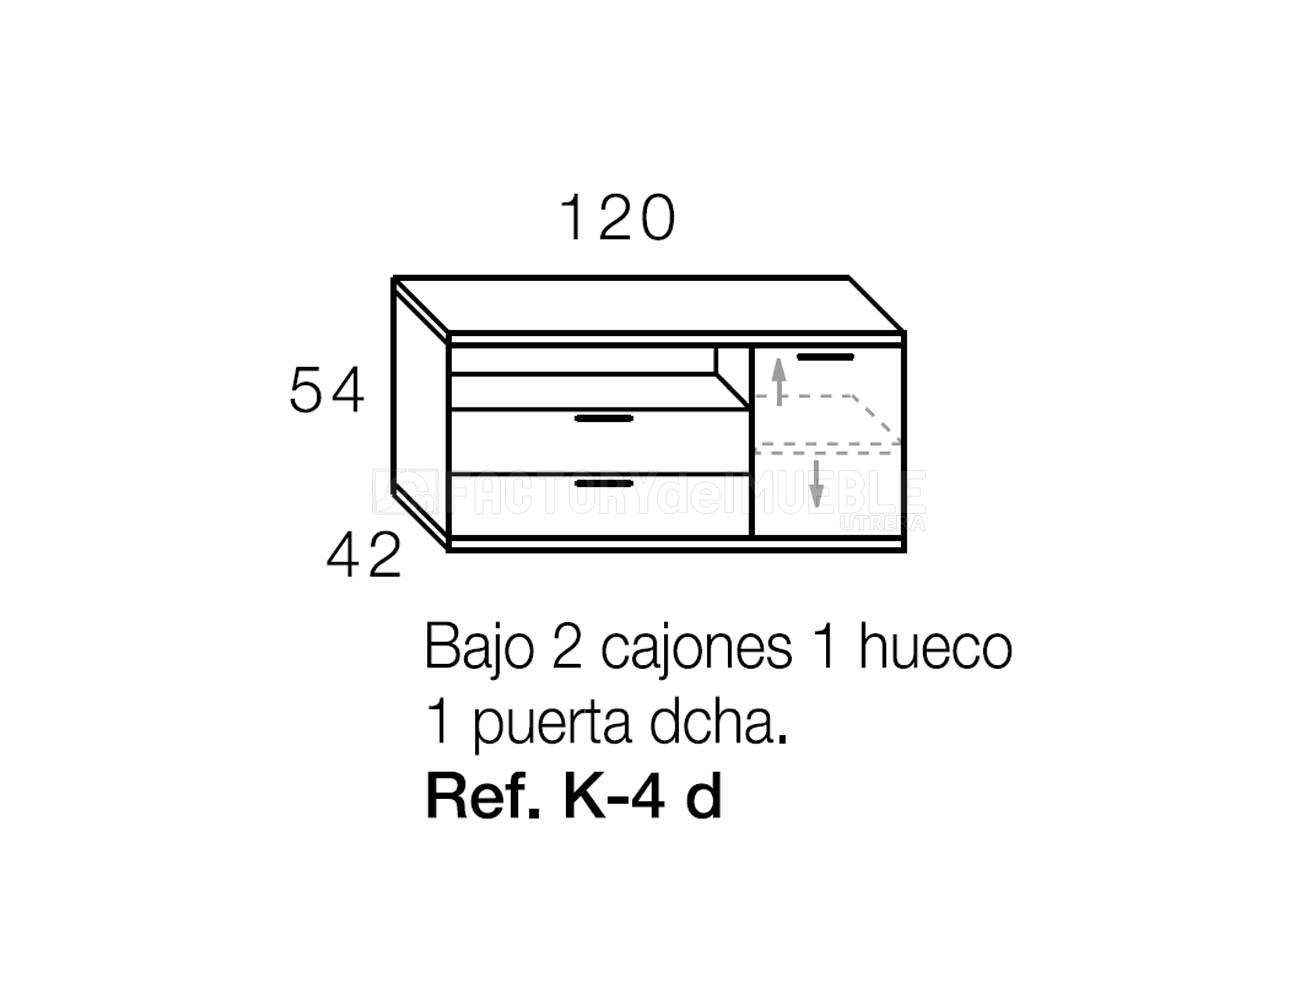 Bajo k4d